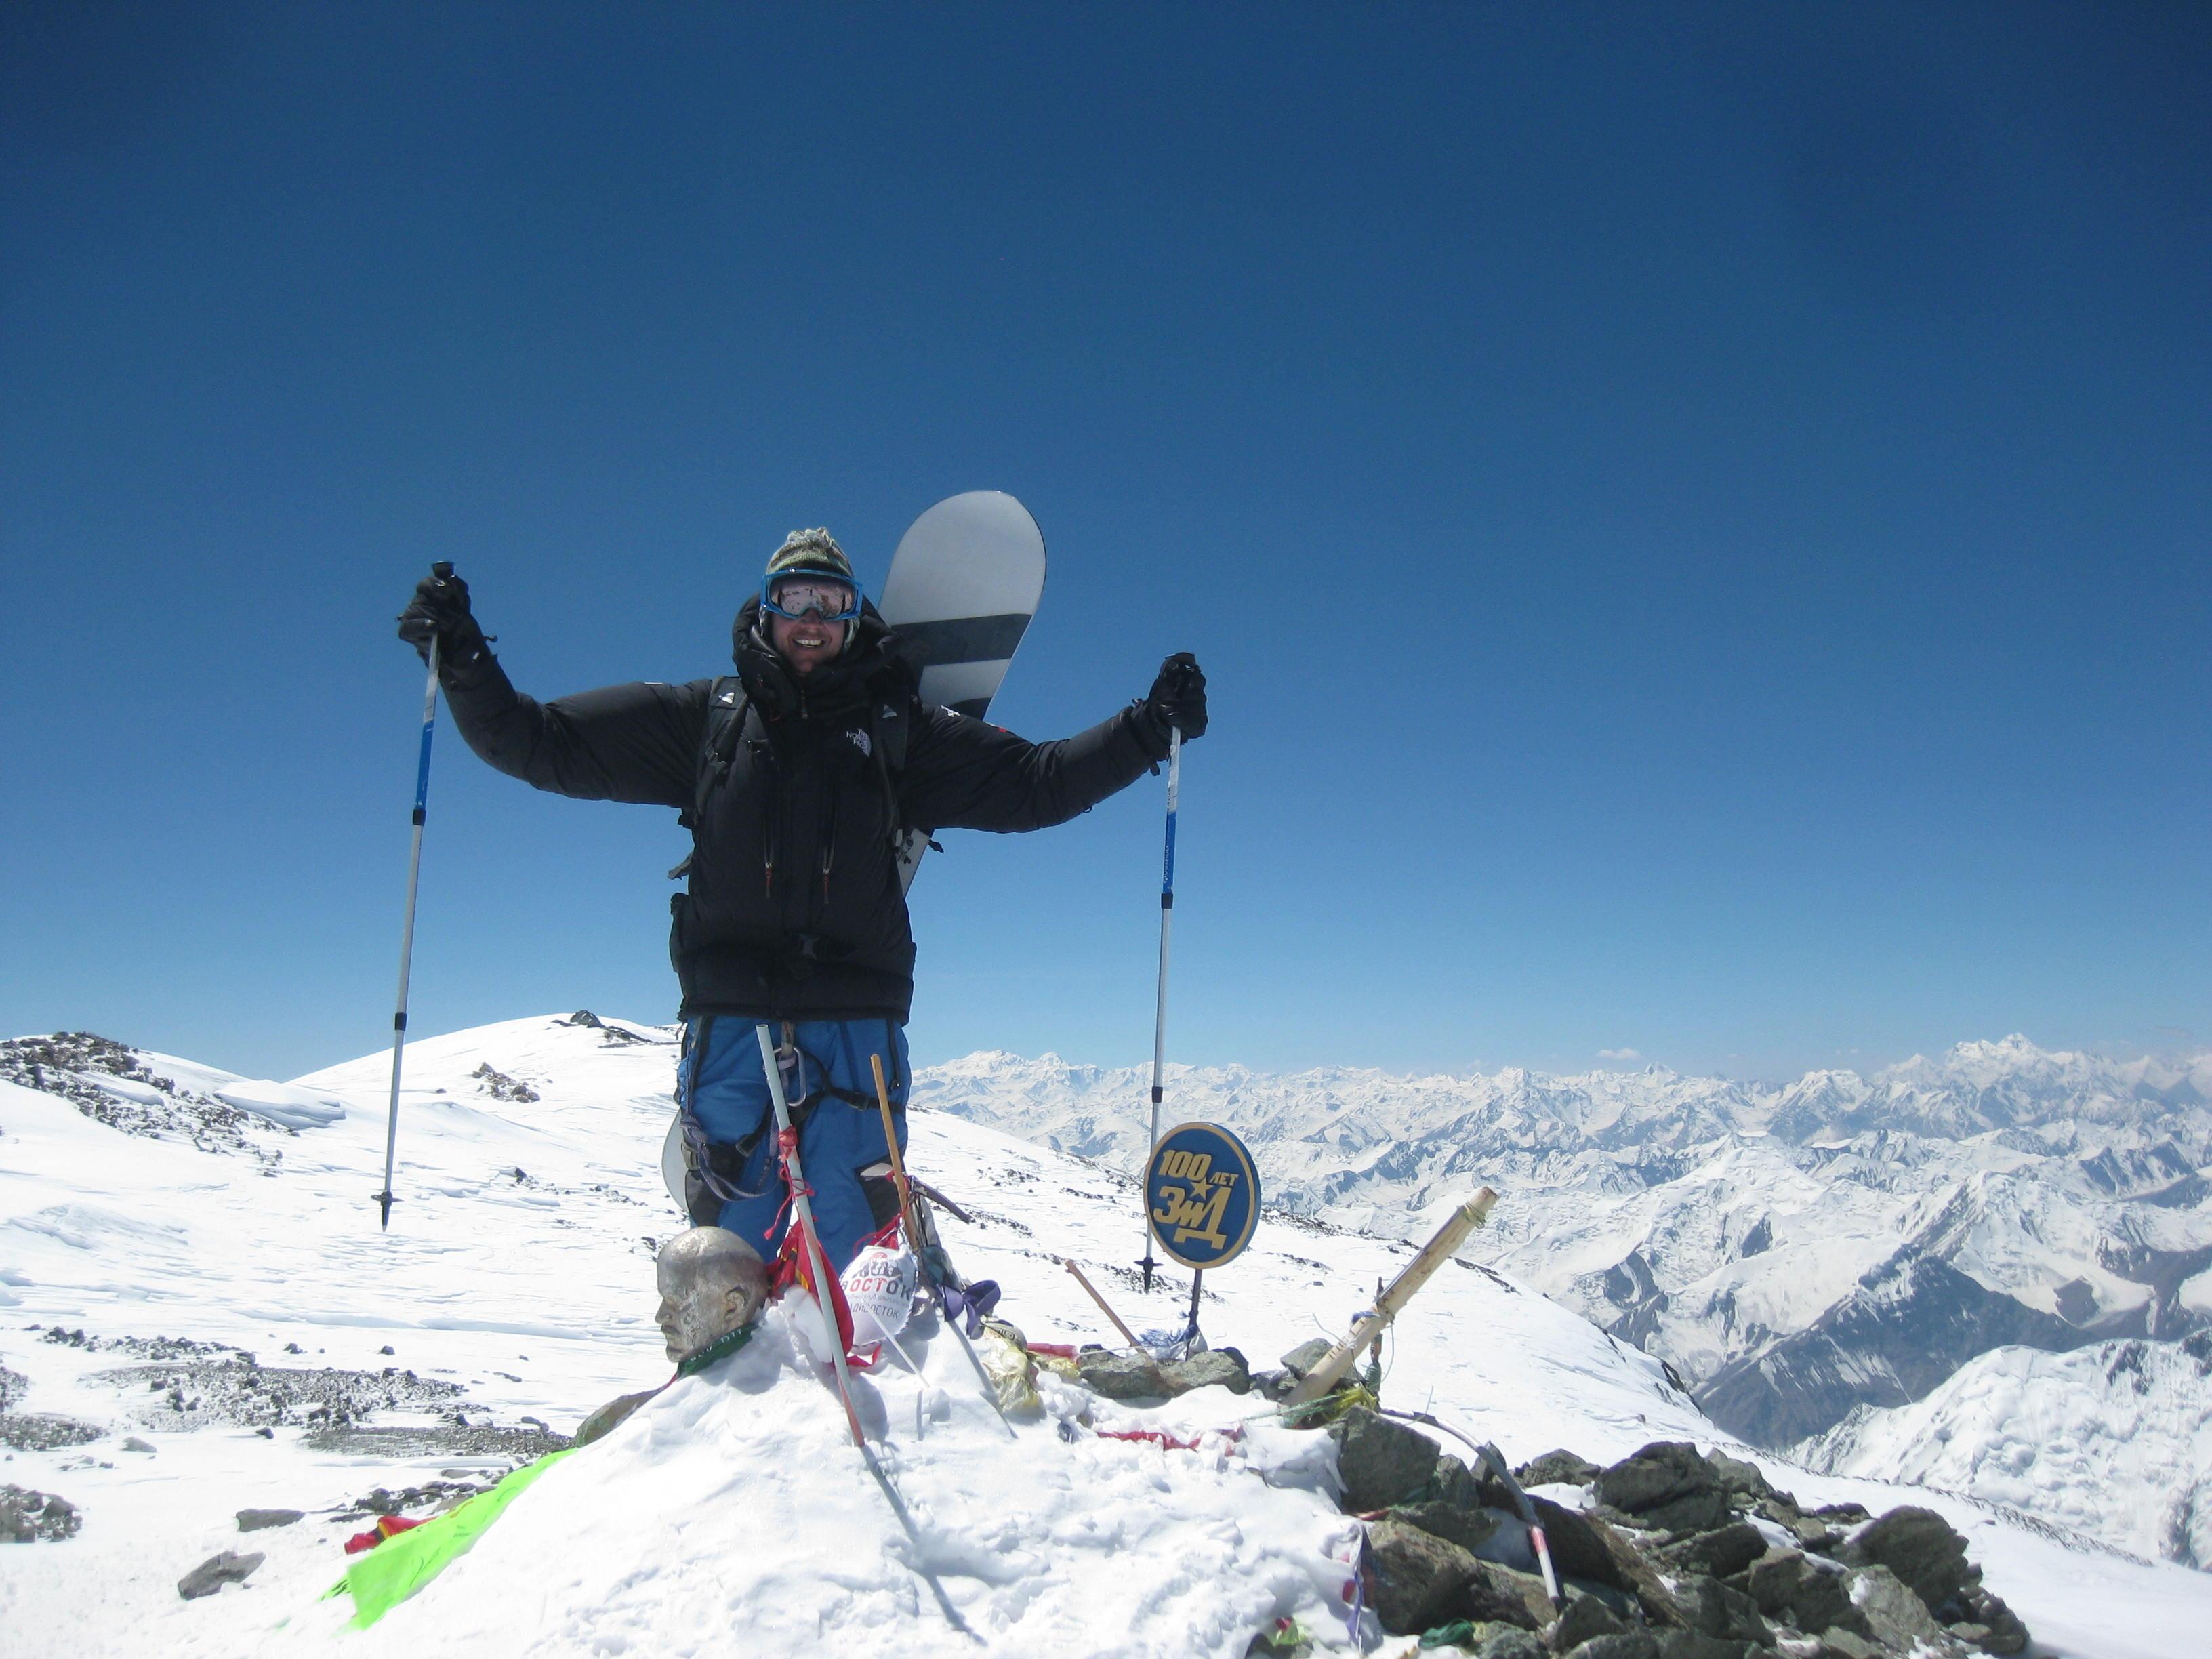 <p>След едномесечно изкачване като алпинист на 26 септември 2019 г стъпва на осмия по височина връх в света и прави едно невероятно спускане от най-високата точка чак до базов лагер на 5000 м височина.</p>